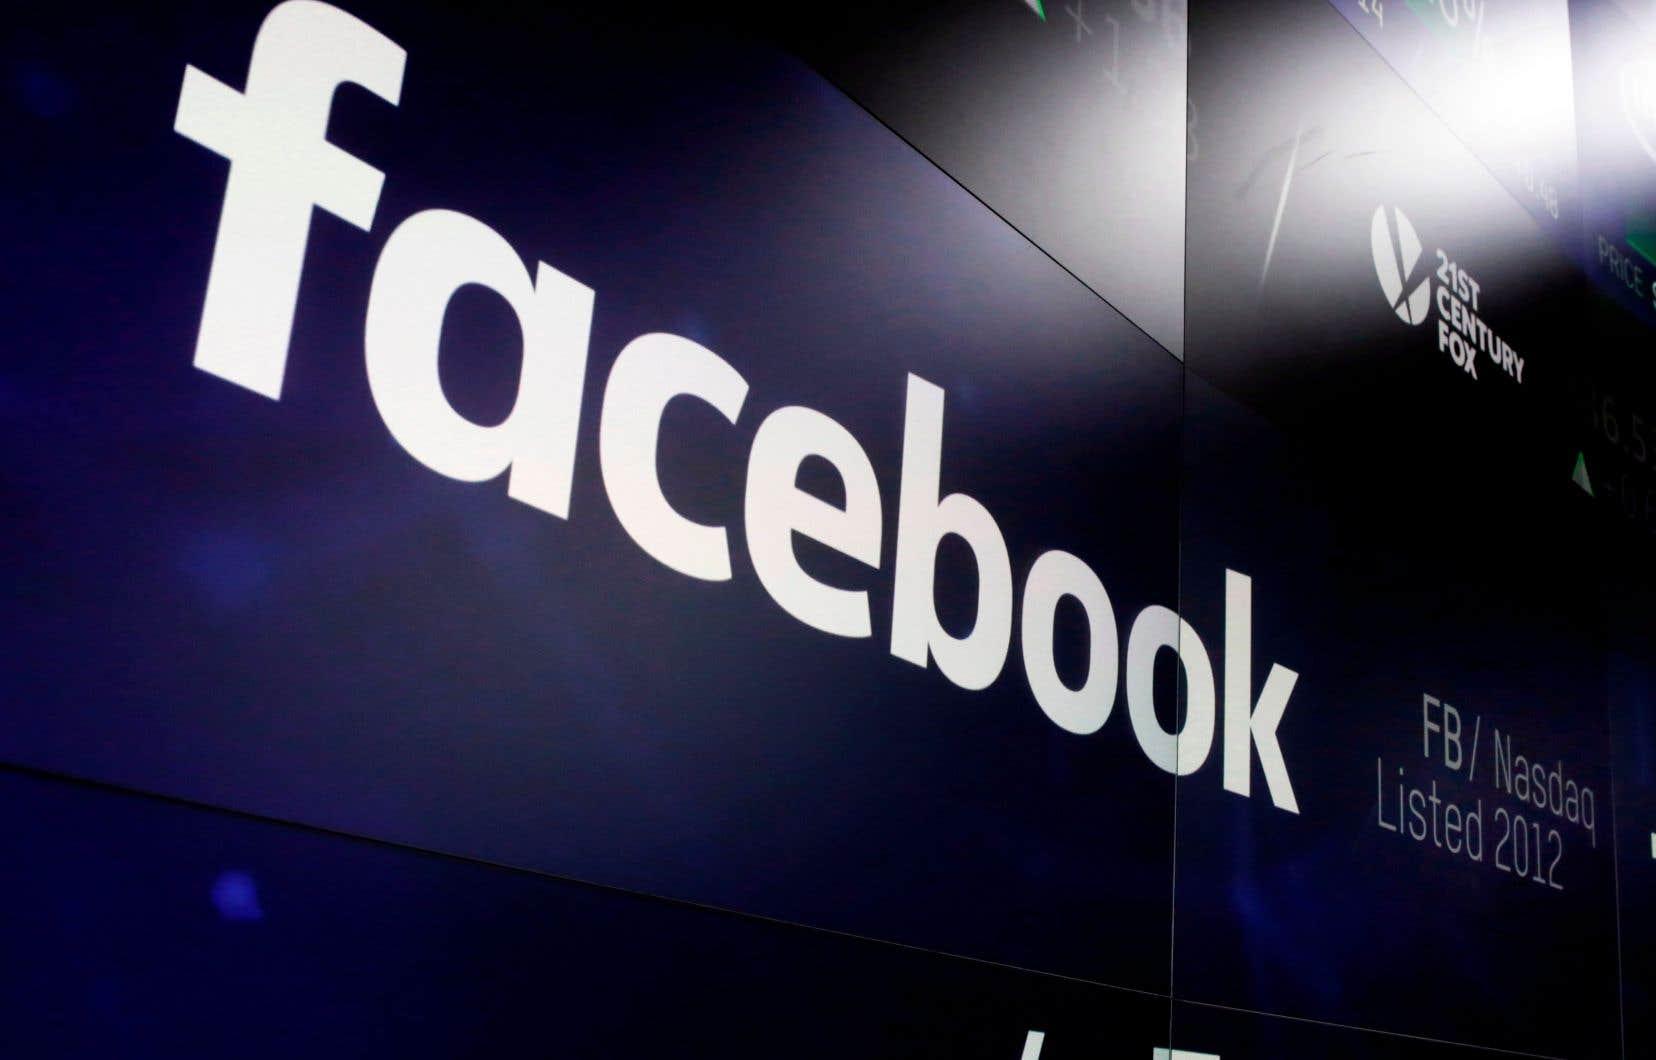 Le conseil de surveillance indépendant de Facebook doit rendre son avis sur le retour ou non de Donald Trump sur le réseau social d'ici la mi-avril.